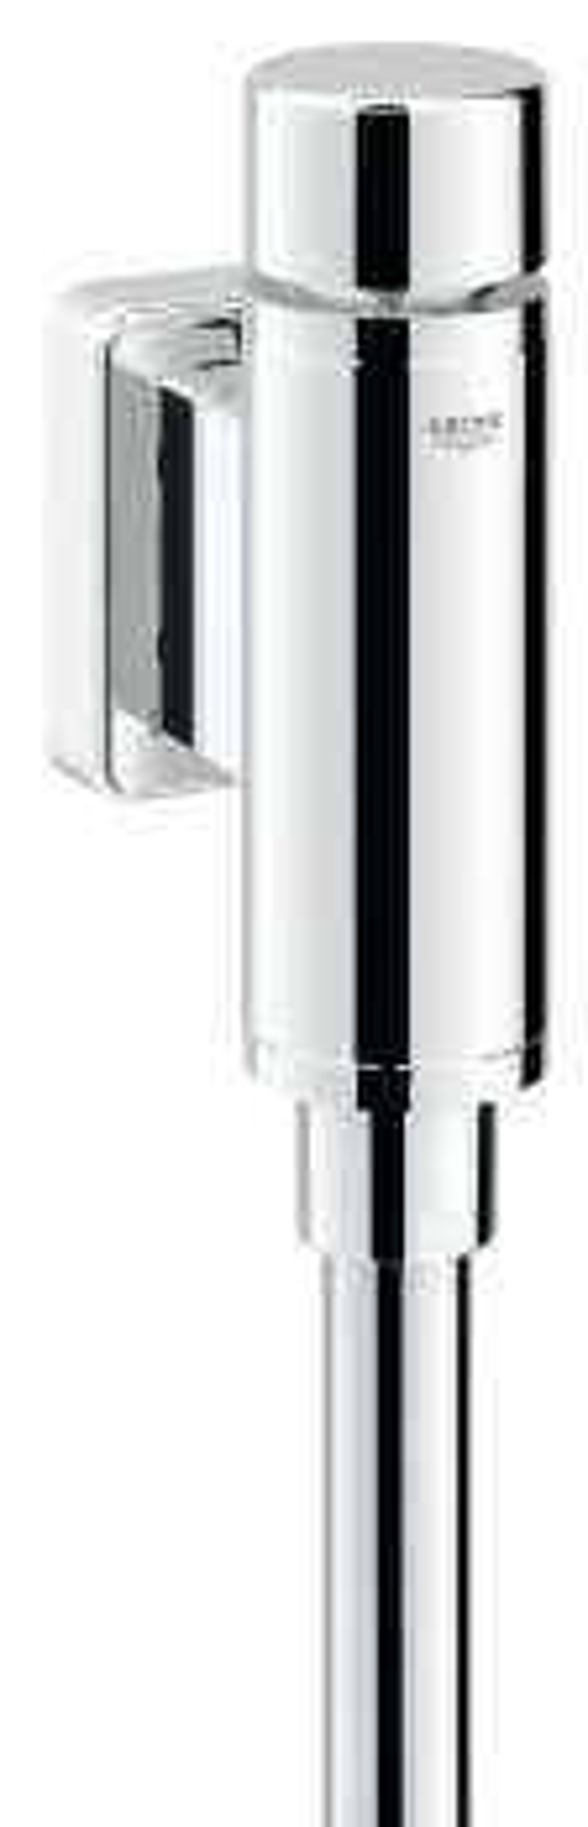 Смывное устройство Grohe Rondo 37346000 для писсуара